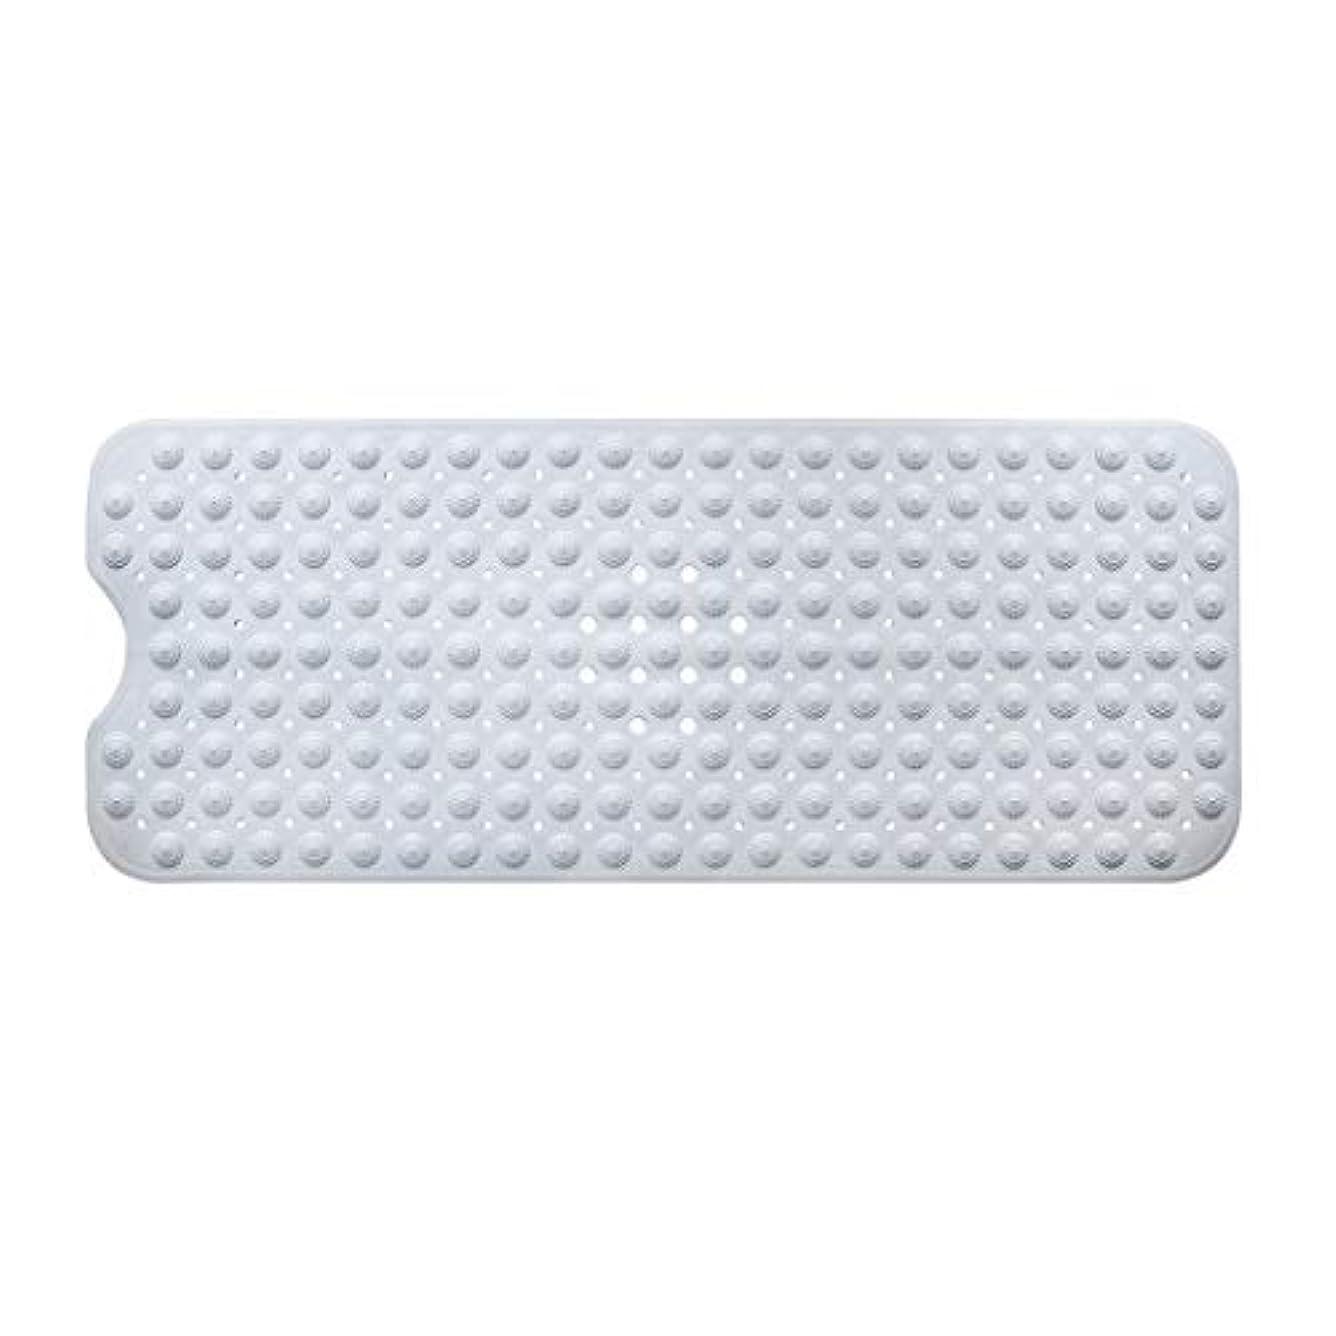 シーケンス控えめな不測の事態Swiftgood エクストラロングバスタブマットカビ抵抗性滑り止めバスマット洗濯機用浴室用洗えるPVCシャワーマット15.7